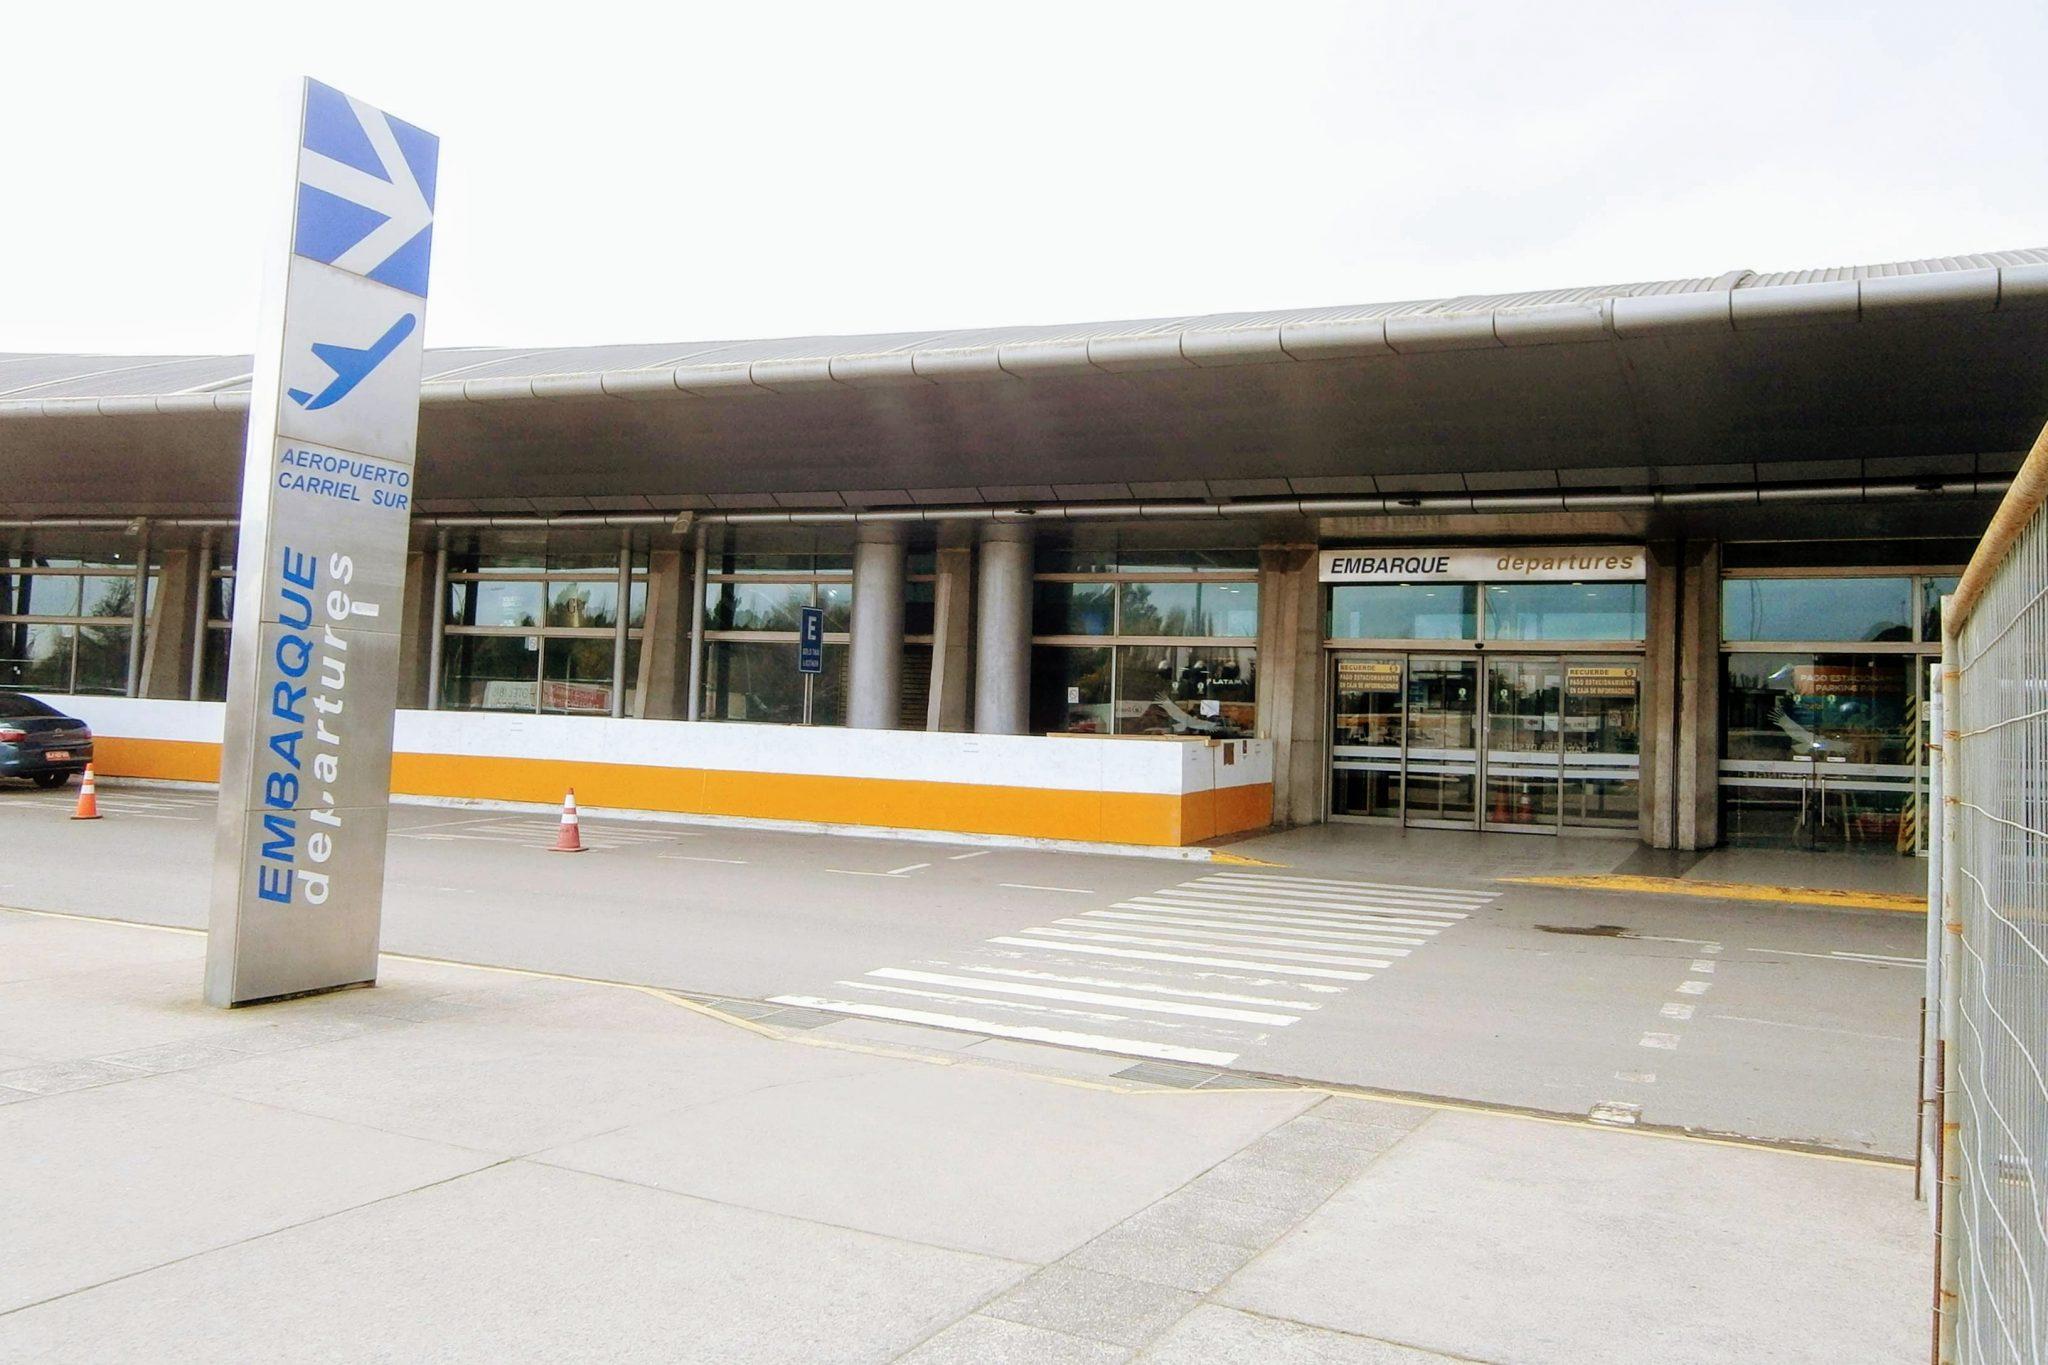 Carriel Sur es el cuarto aeropuerto en Chile en contar con acreditación sanitaria